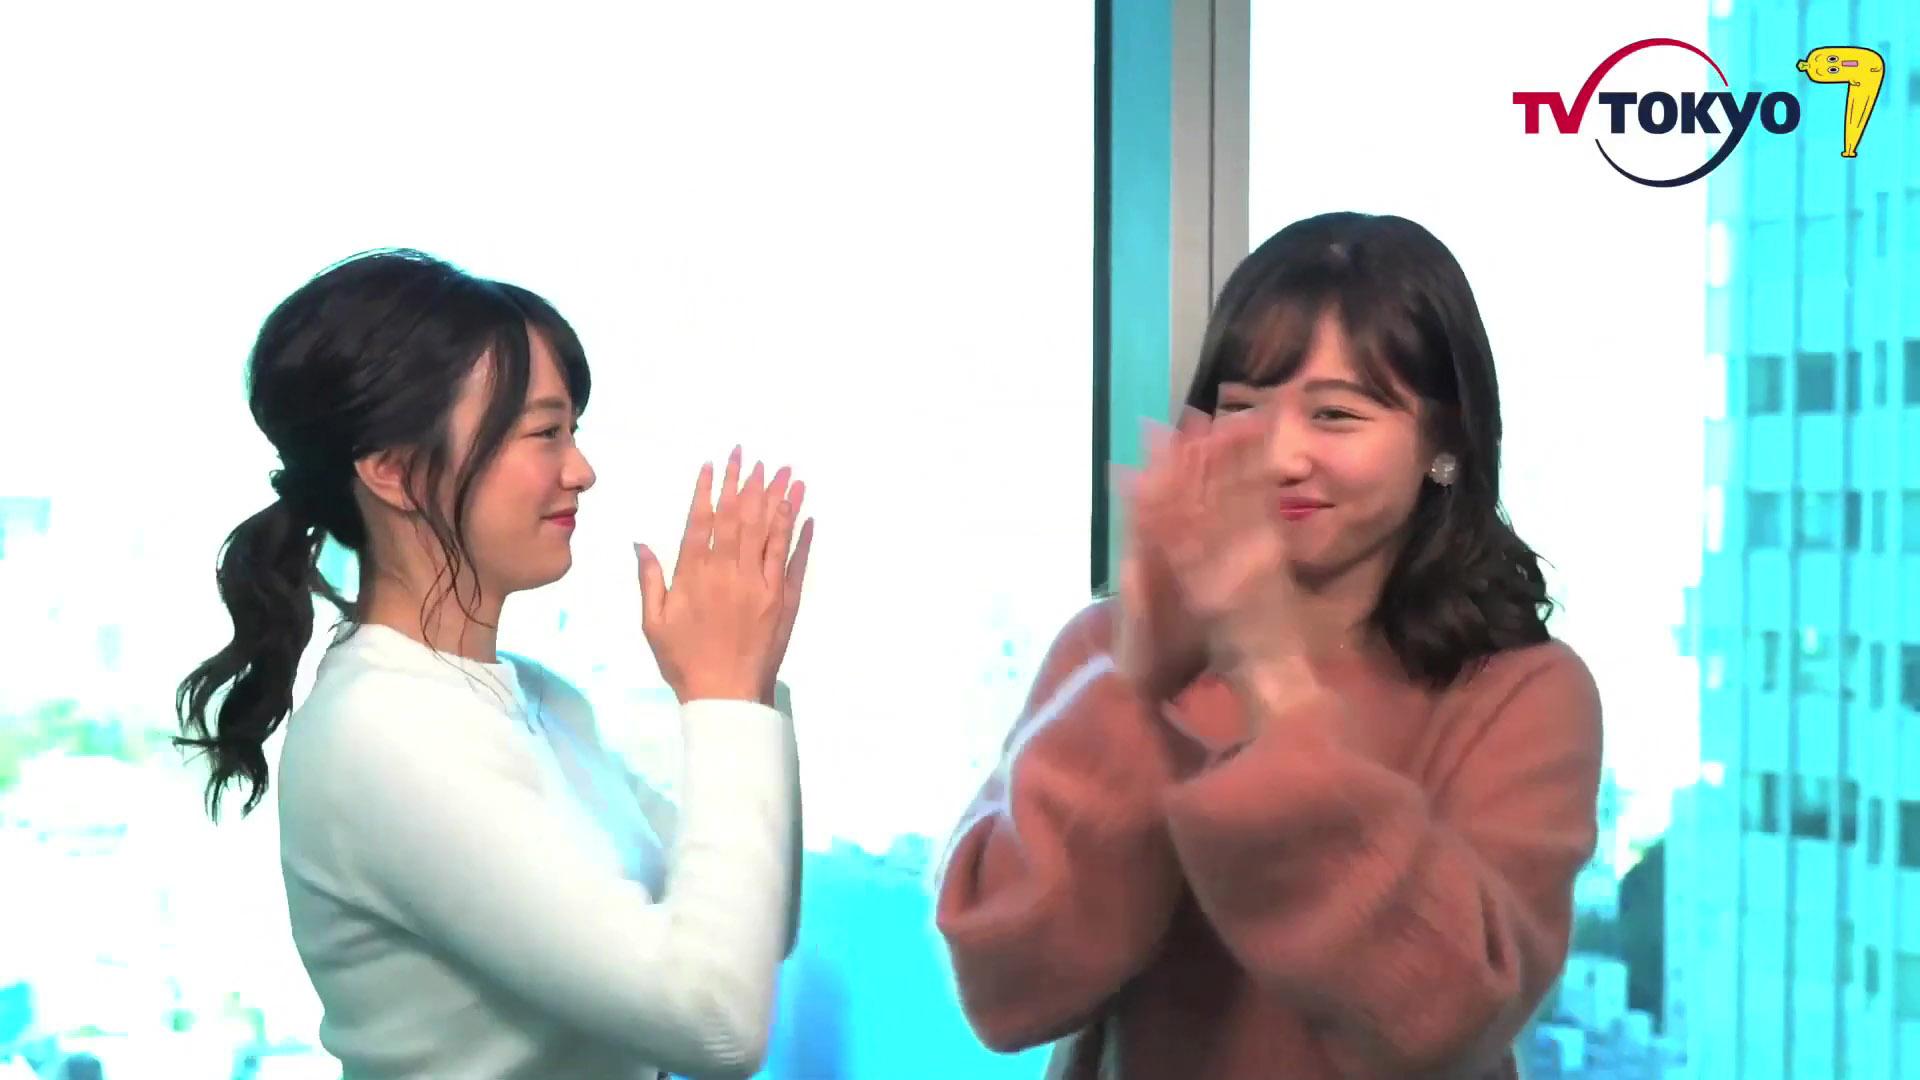 森香澄_田中瞳_女子アナ_テレ東_テレビキャプ画像_06